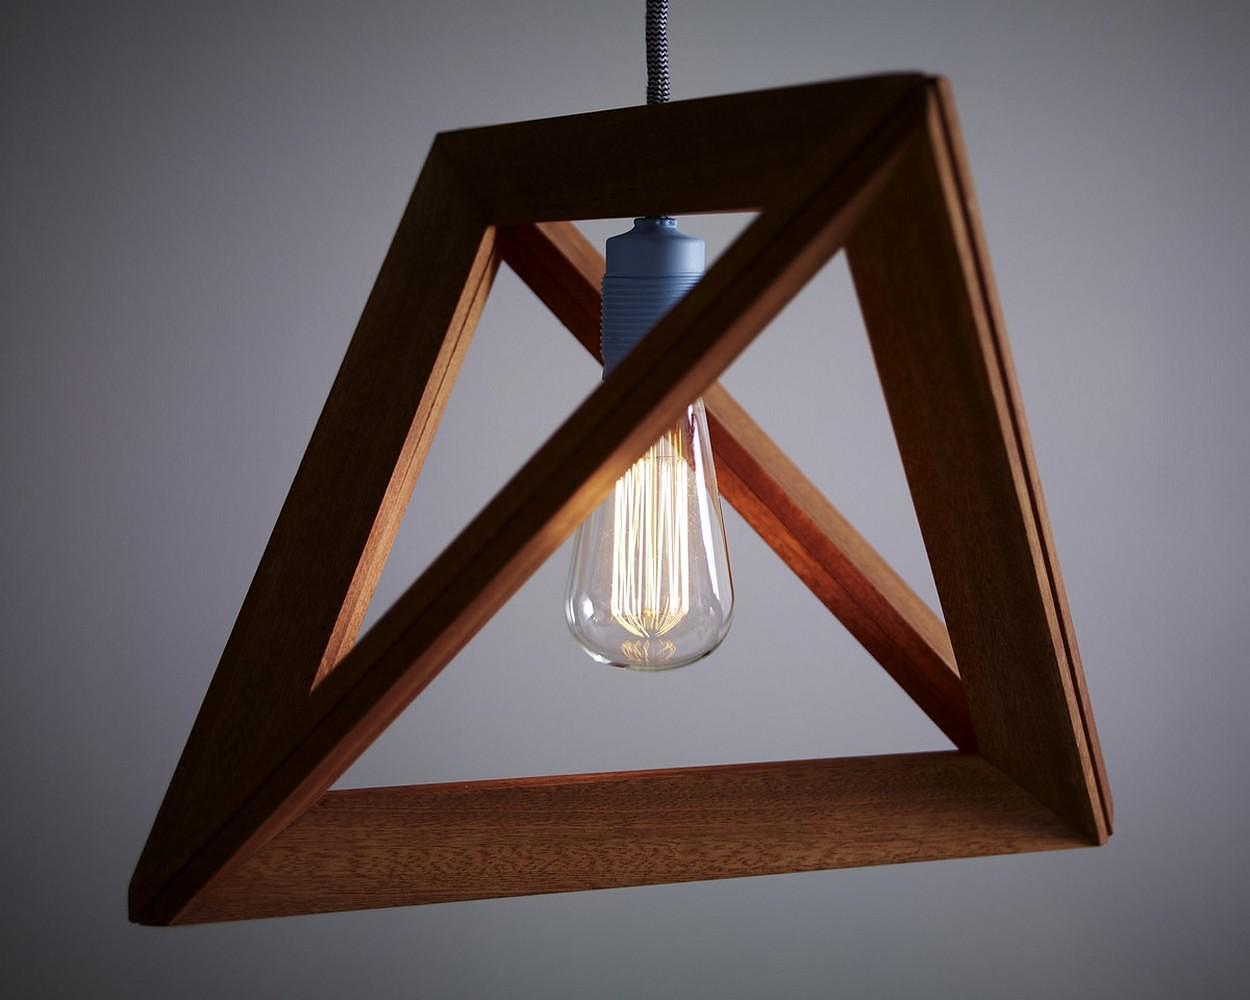 Lightframe Wooden Pendant Lamp by Herr Mandel.